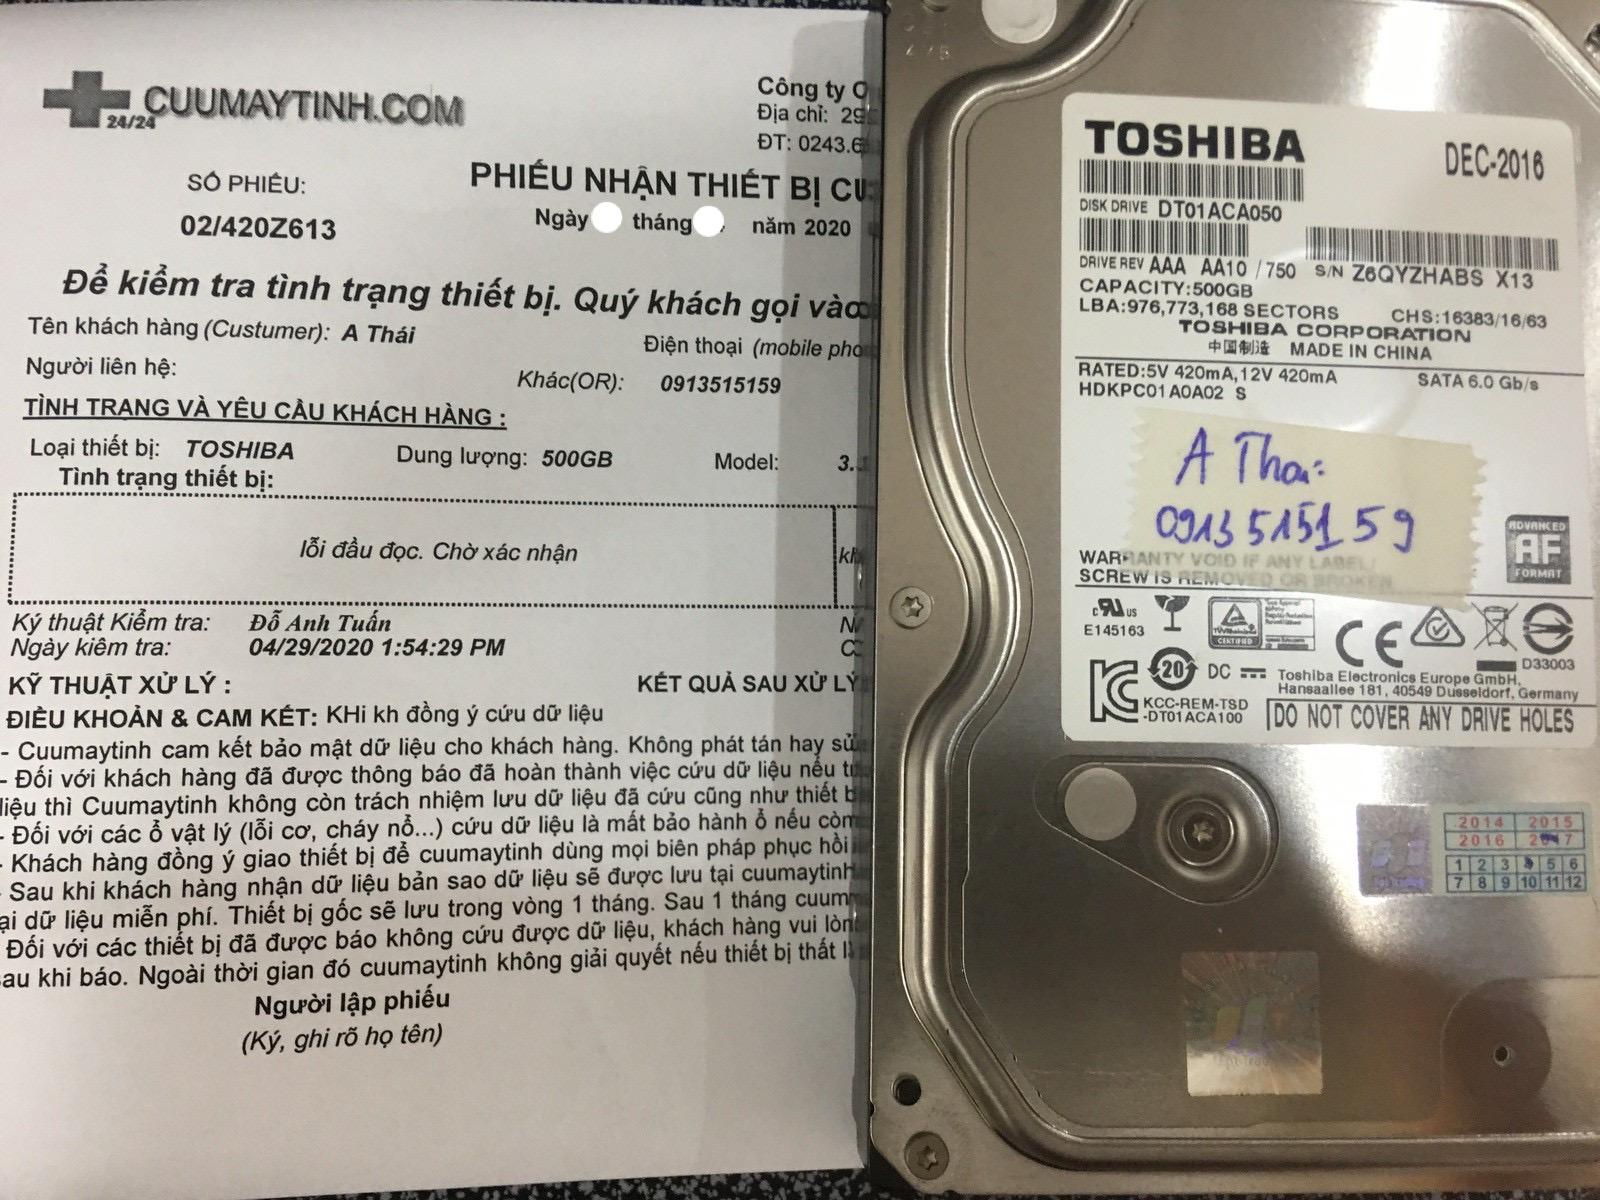 Lấy dữ liệu ổ cứng Toshiba 500GB lỗi đầu đọc 18/05/2020 - cuumaytinh